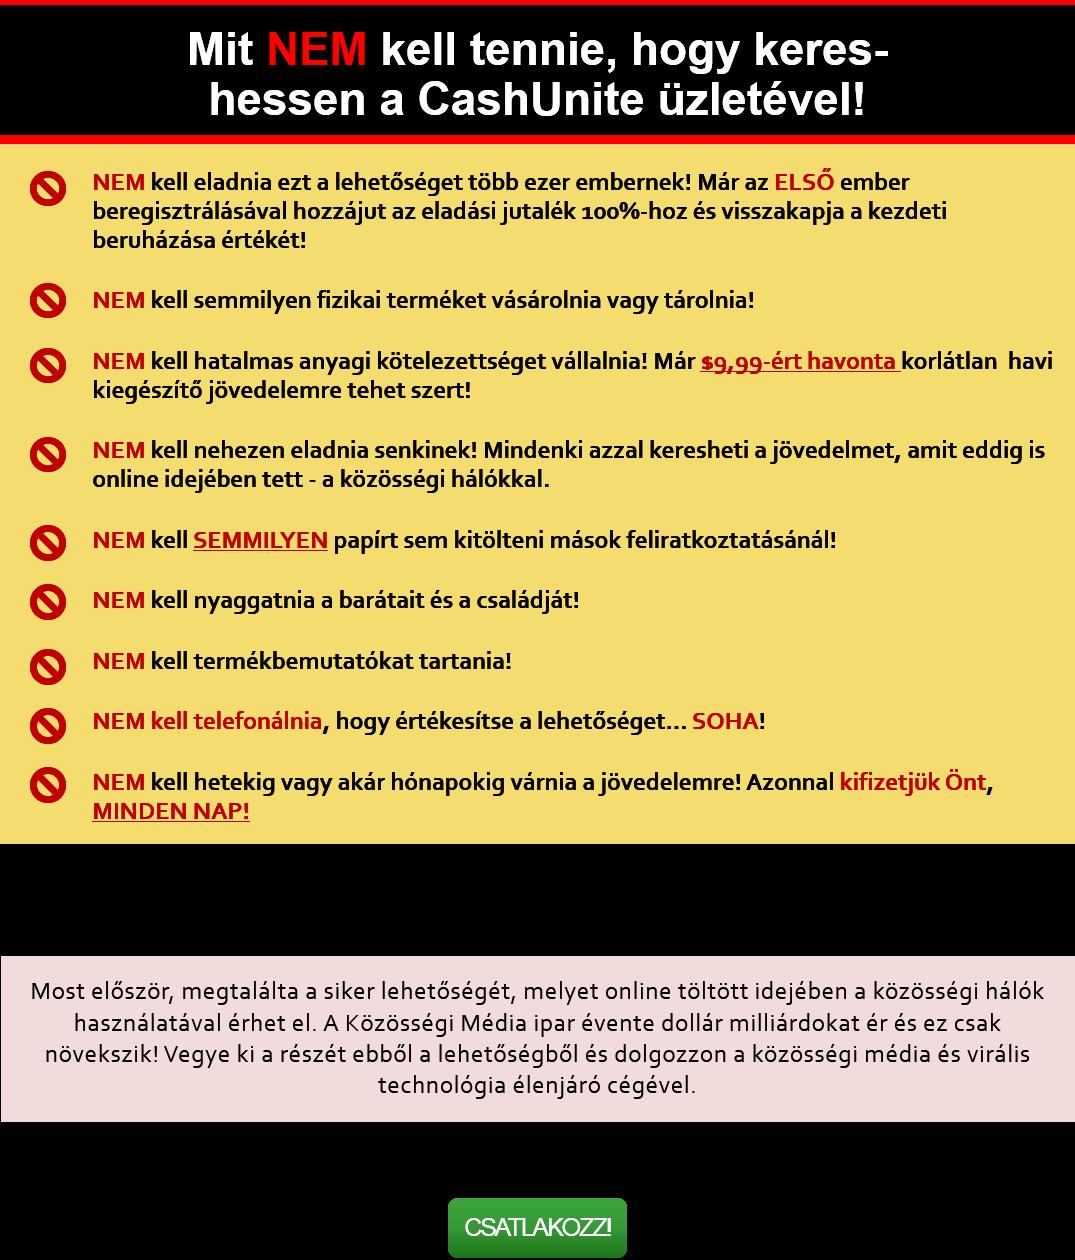 Online kereset - szabadalmaztatott passzív jövedelemrendszer